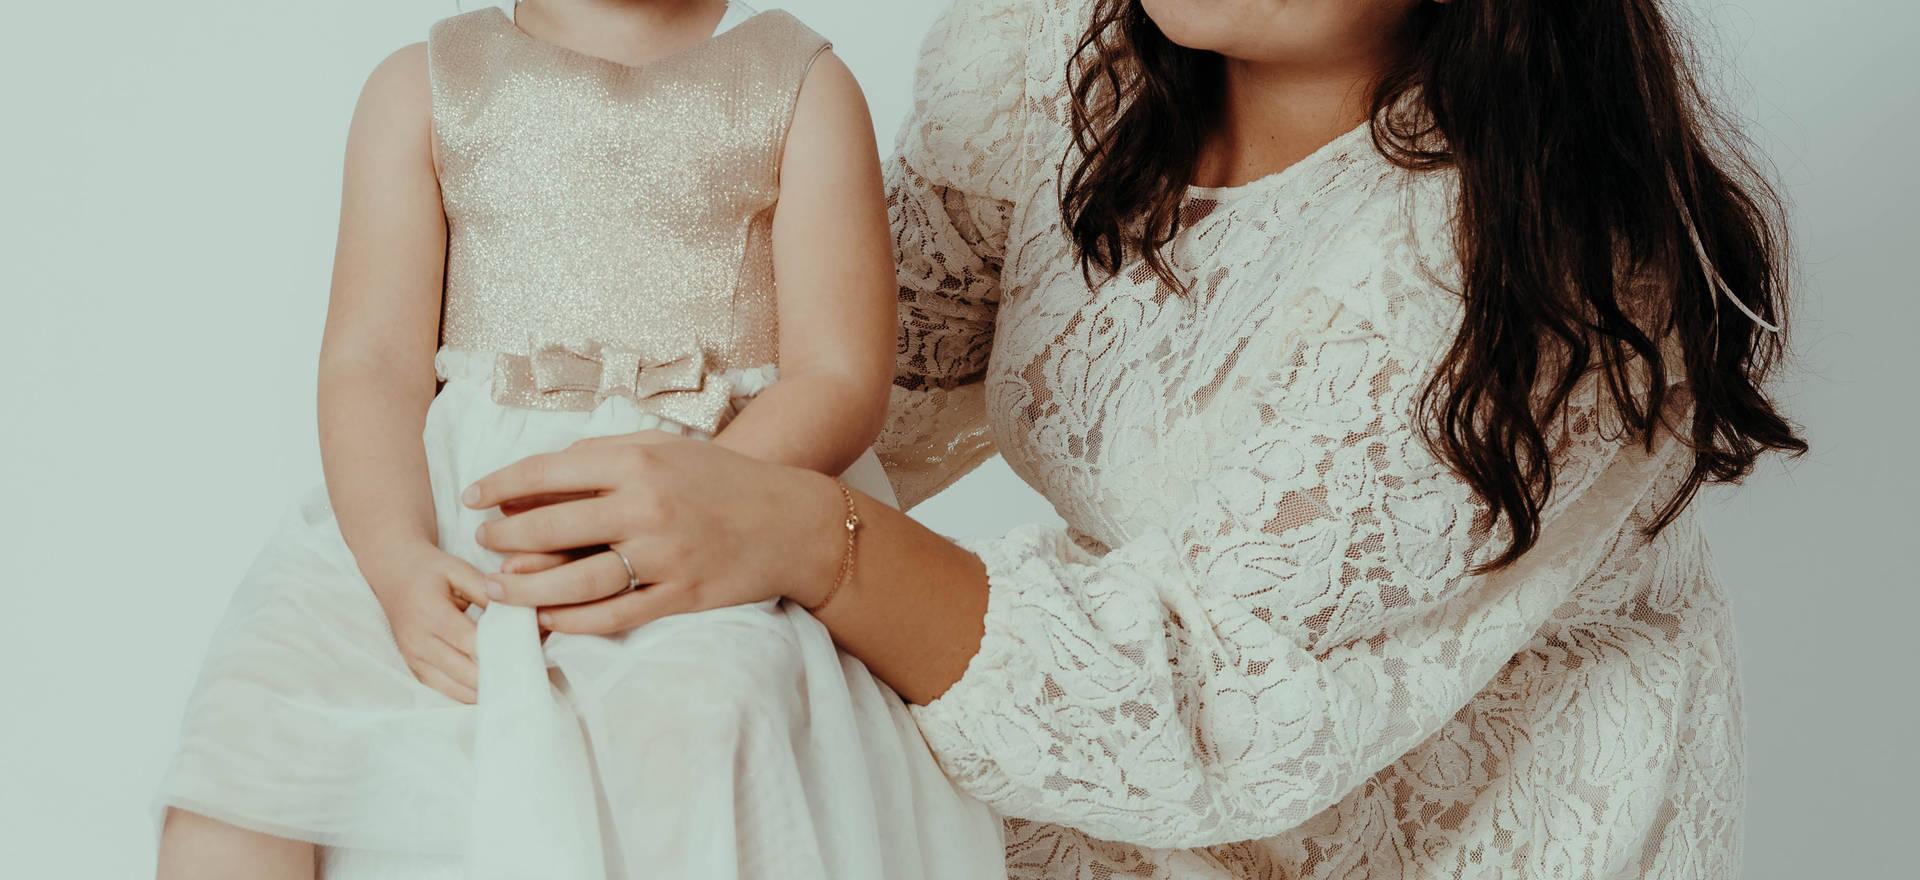 Tochterliebe